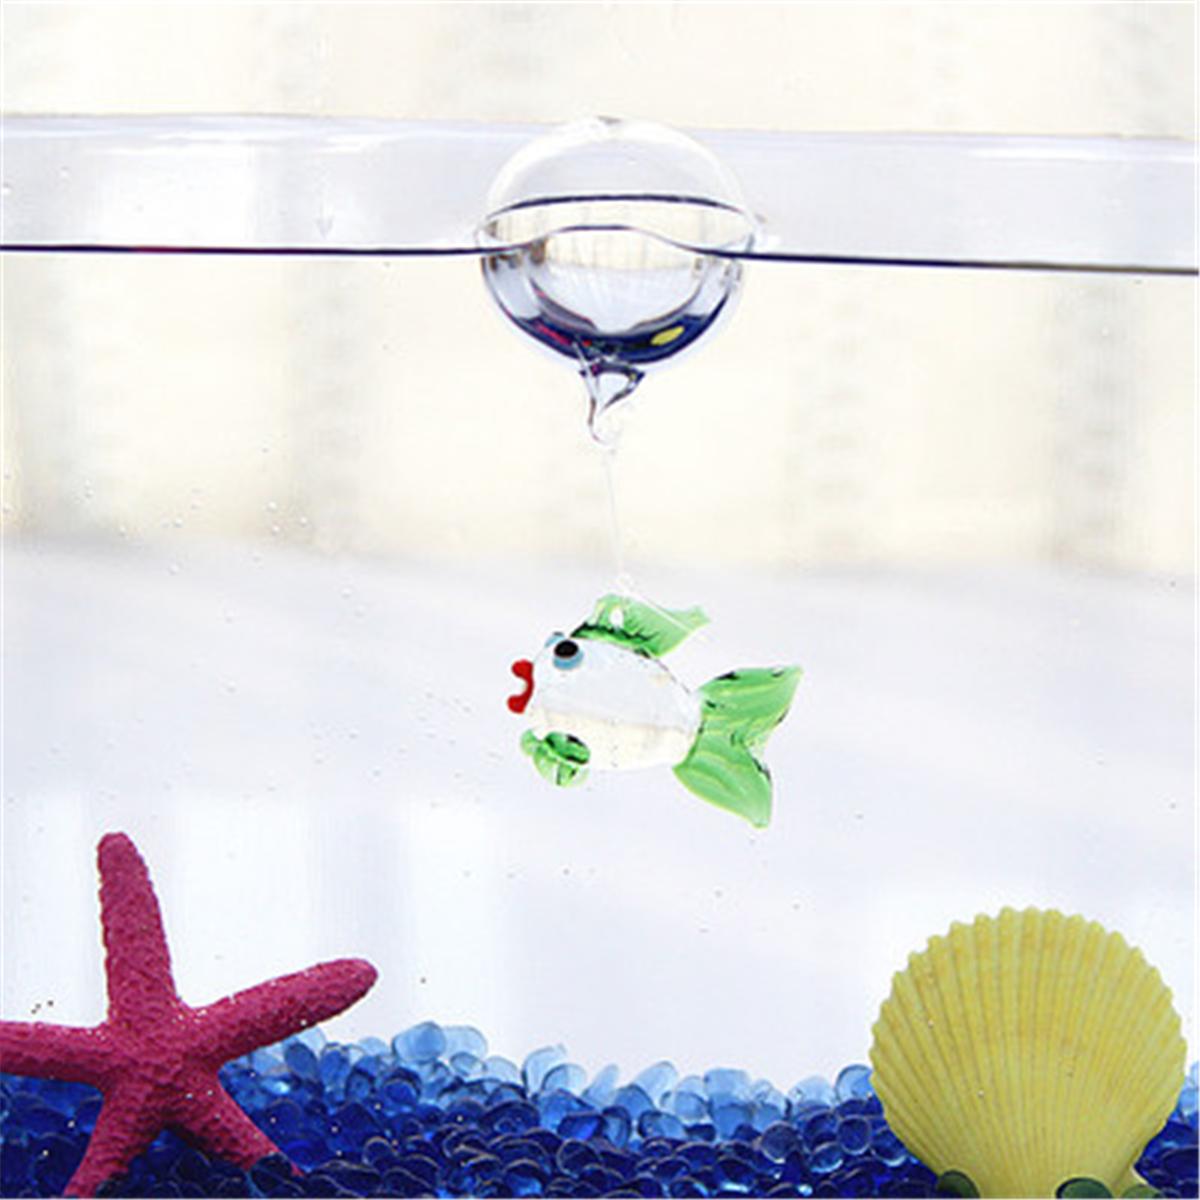 Moaere Aquarium Decorations,Colorful Floating Blown Glass Bubble Micro Fish Tank Landscape Ornament Deco Aquarium Fish Charms